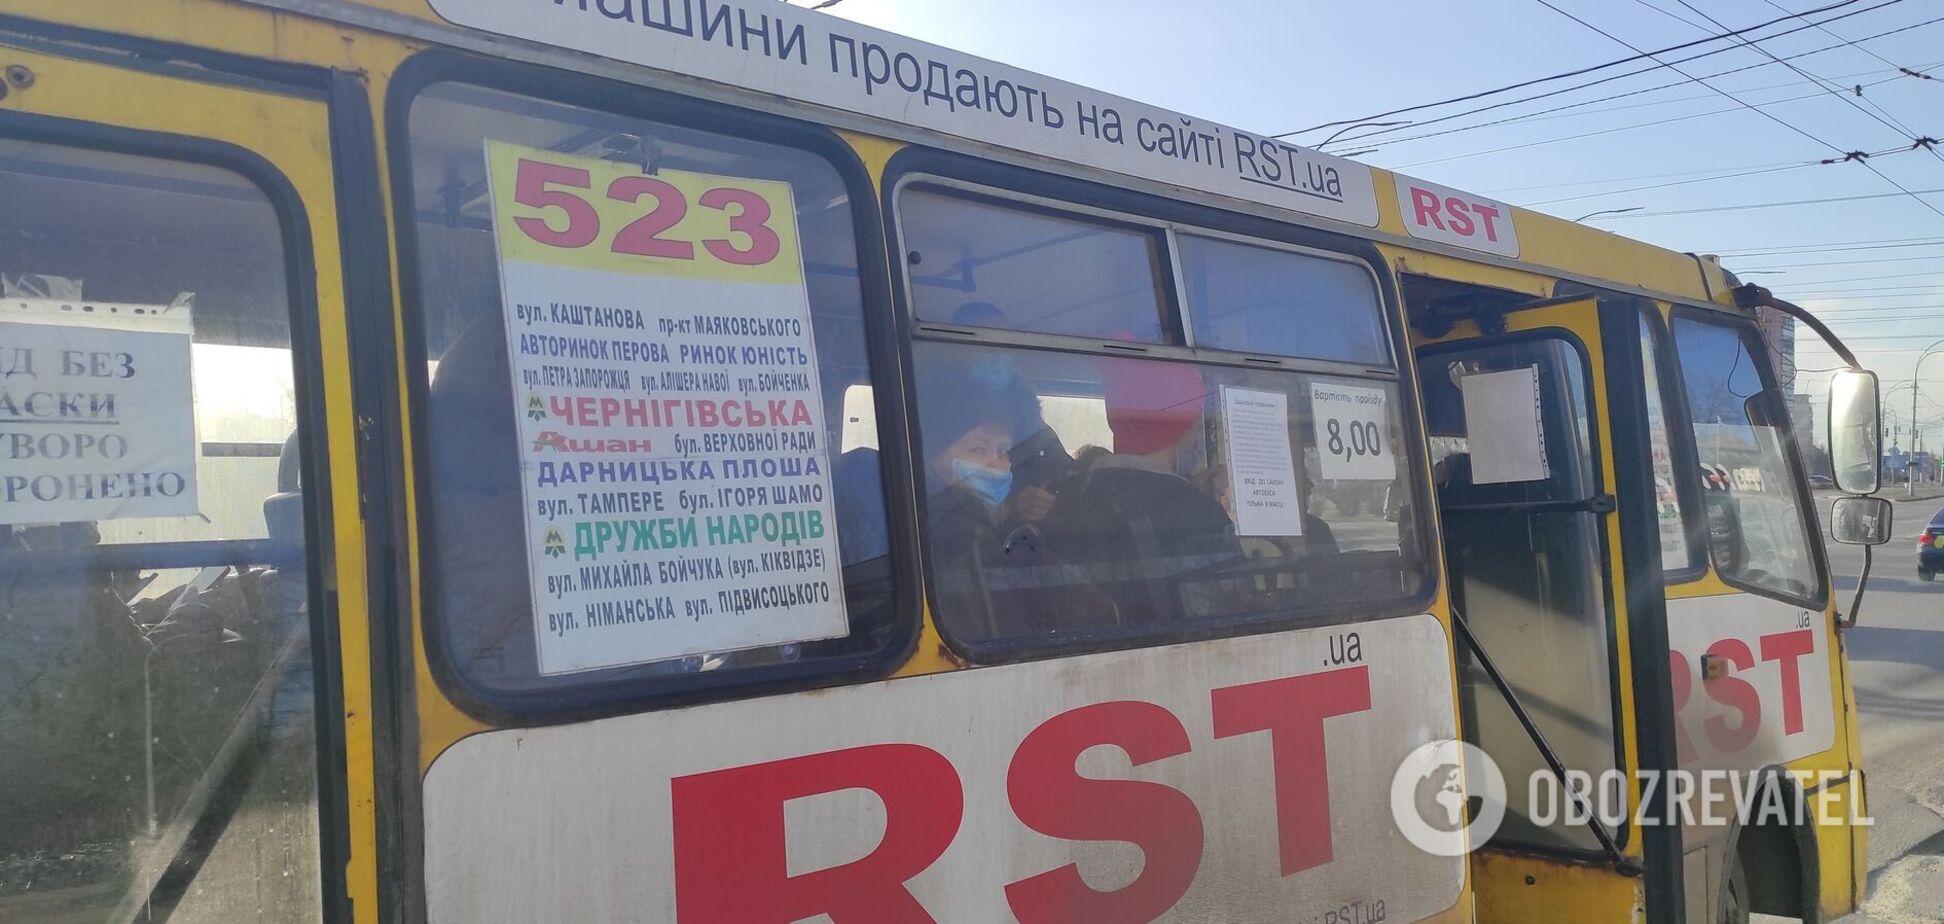 В Киеве начали увольняться водители маршруток из-за локдауна